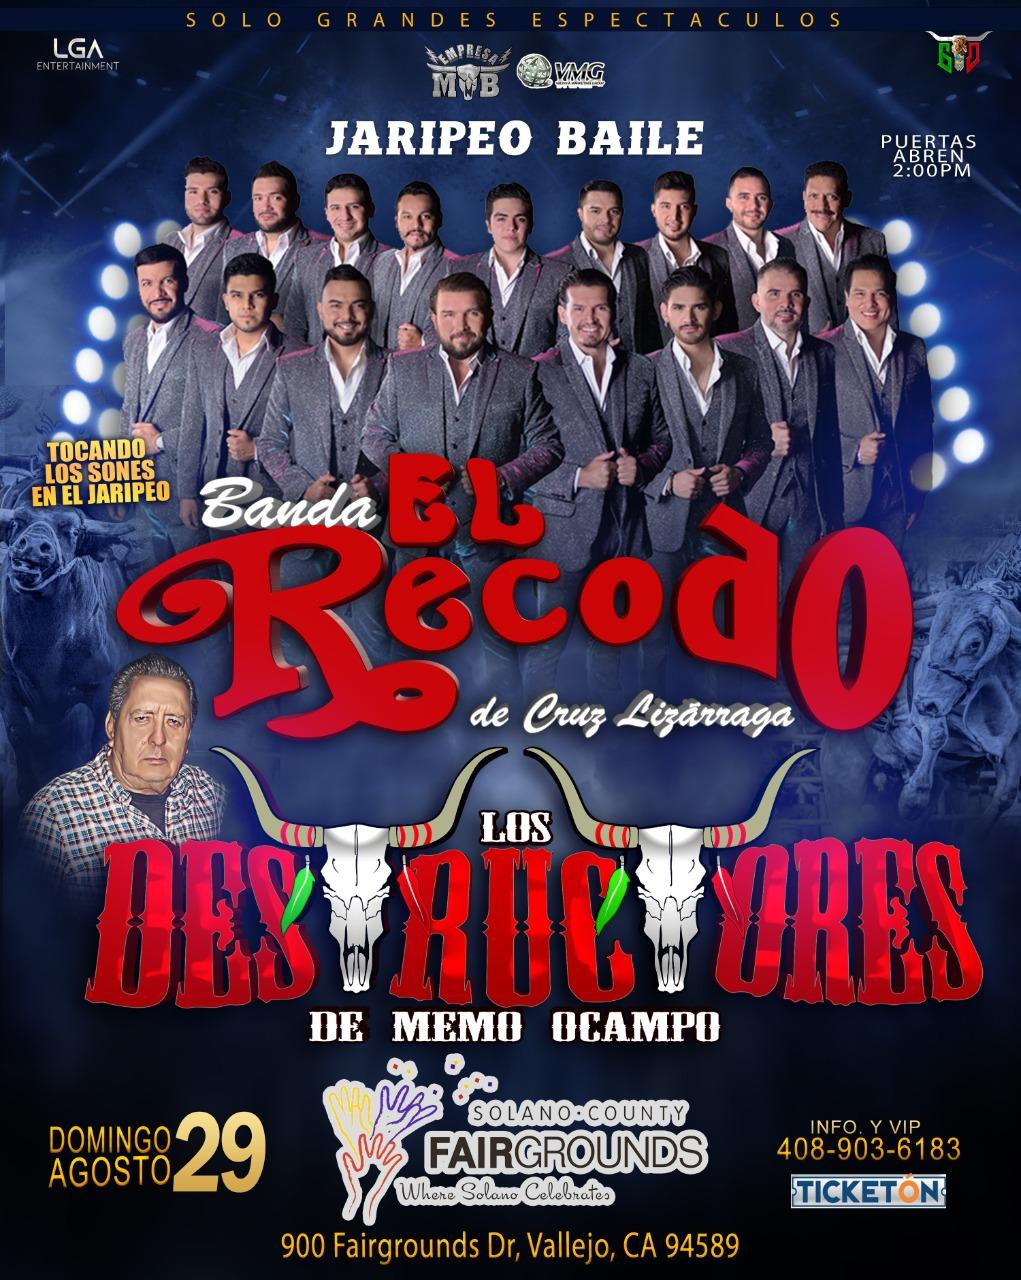 Jaripeo Baile con Banda el Recodo de Don Cruz Lizarraga y Los Destructores de Memo Ocampo – Solano County Fairgrounds – Vallejo, CA